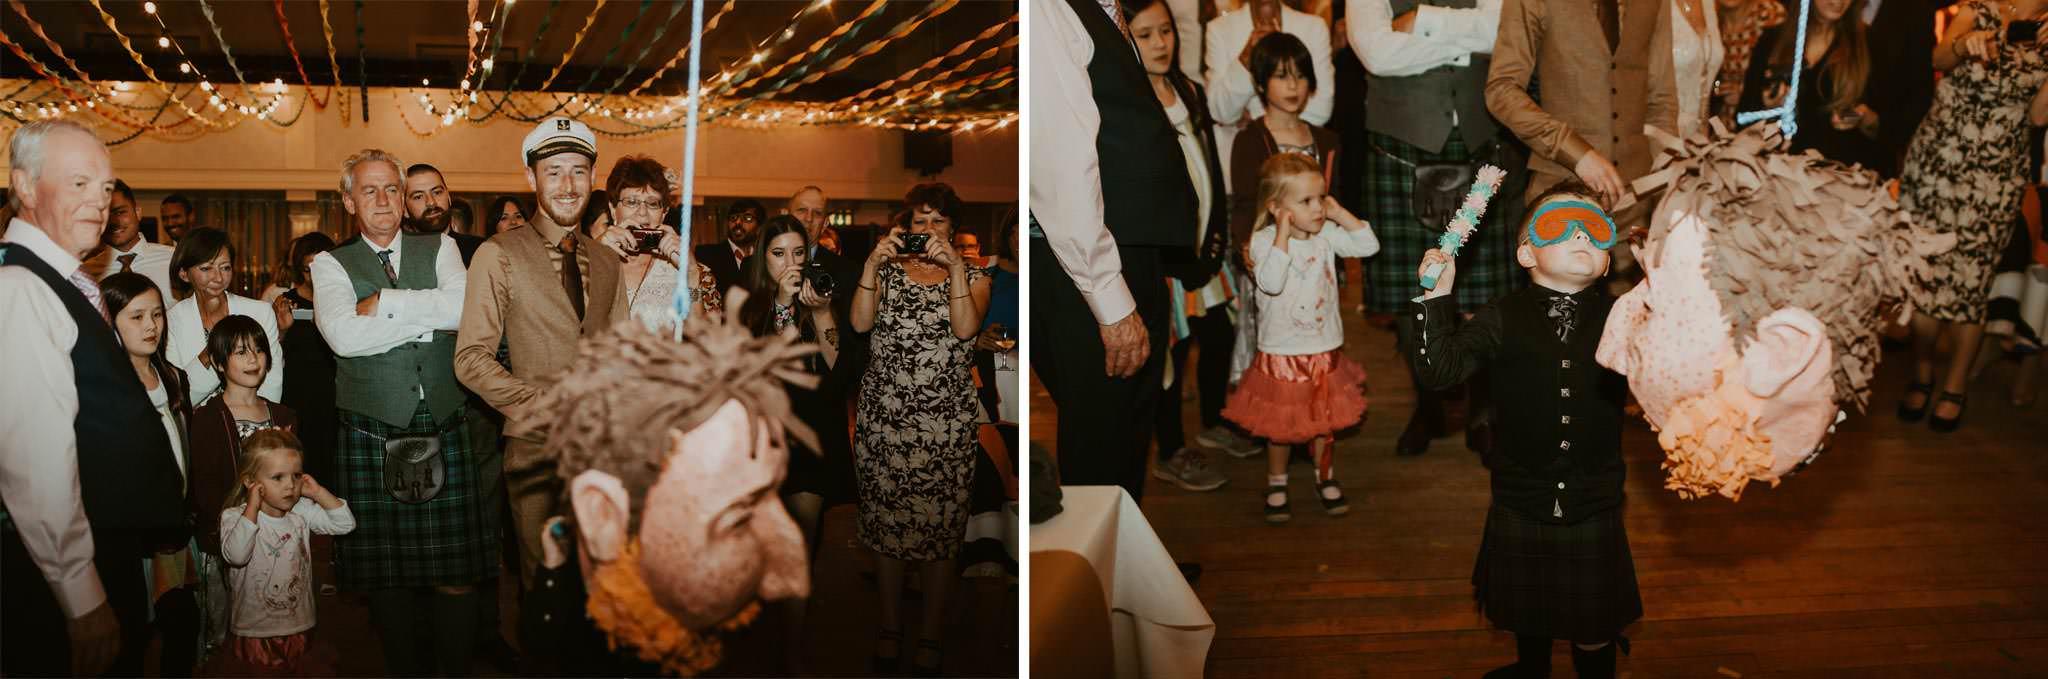 scottish-wedding-photography-175